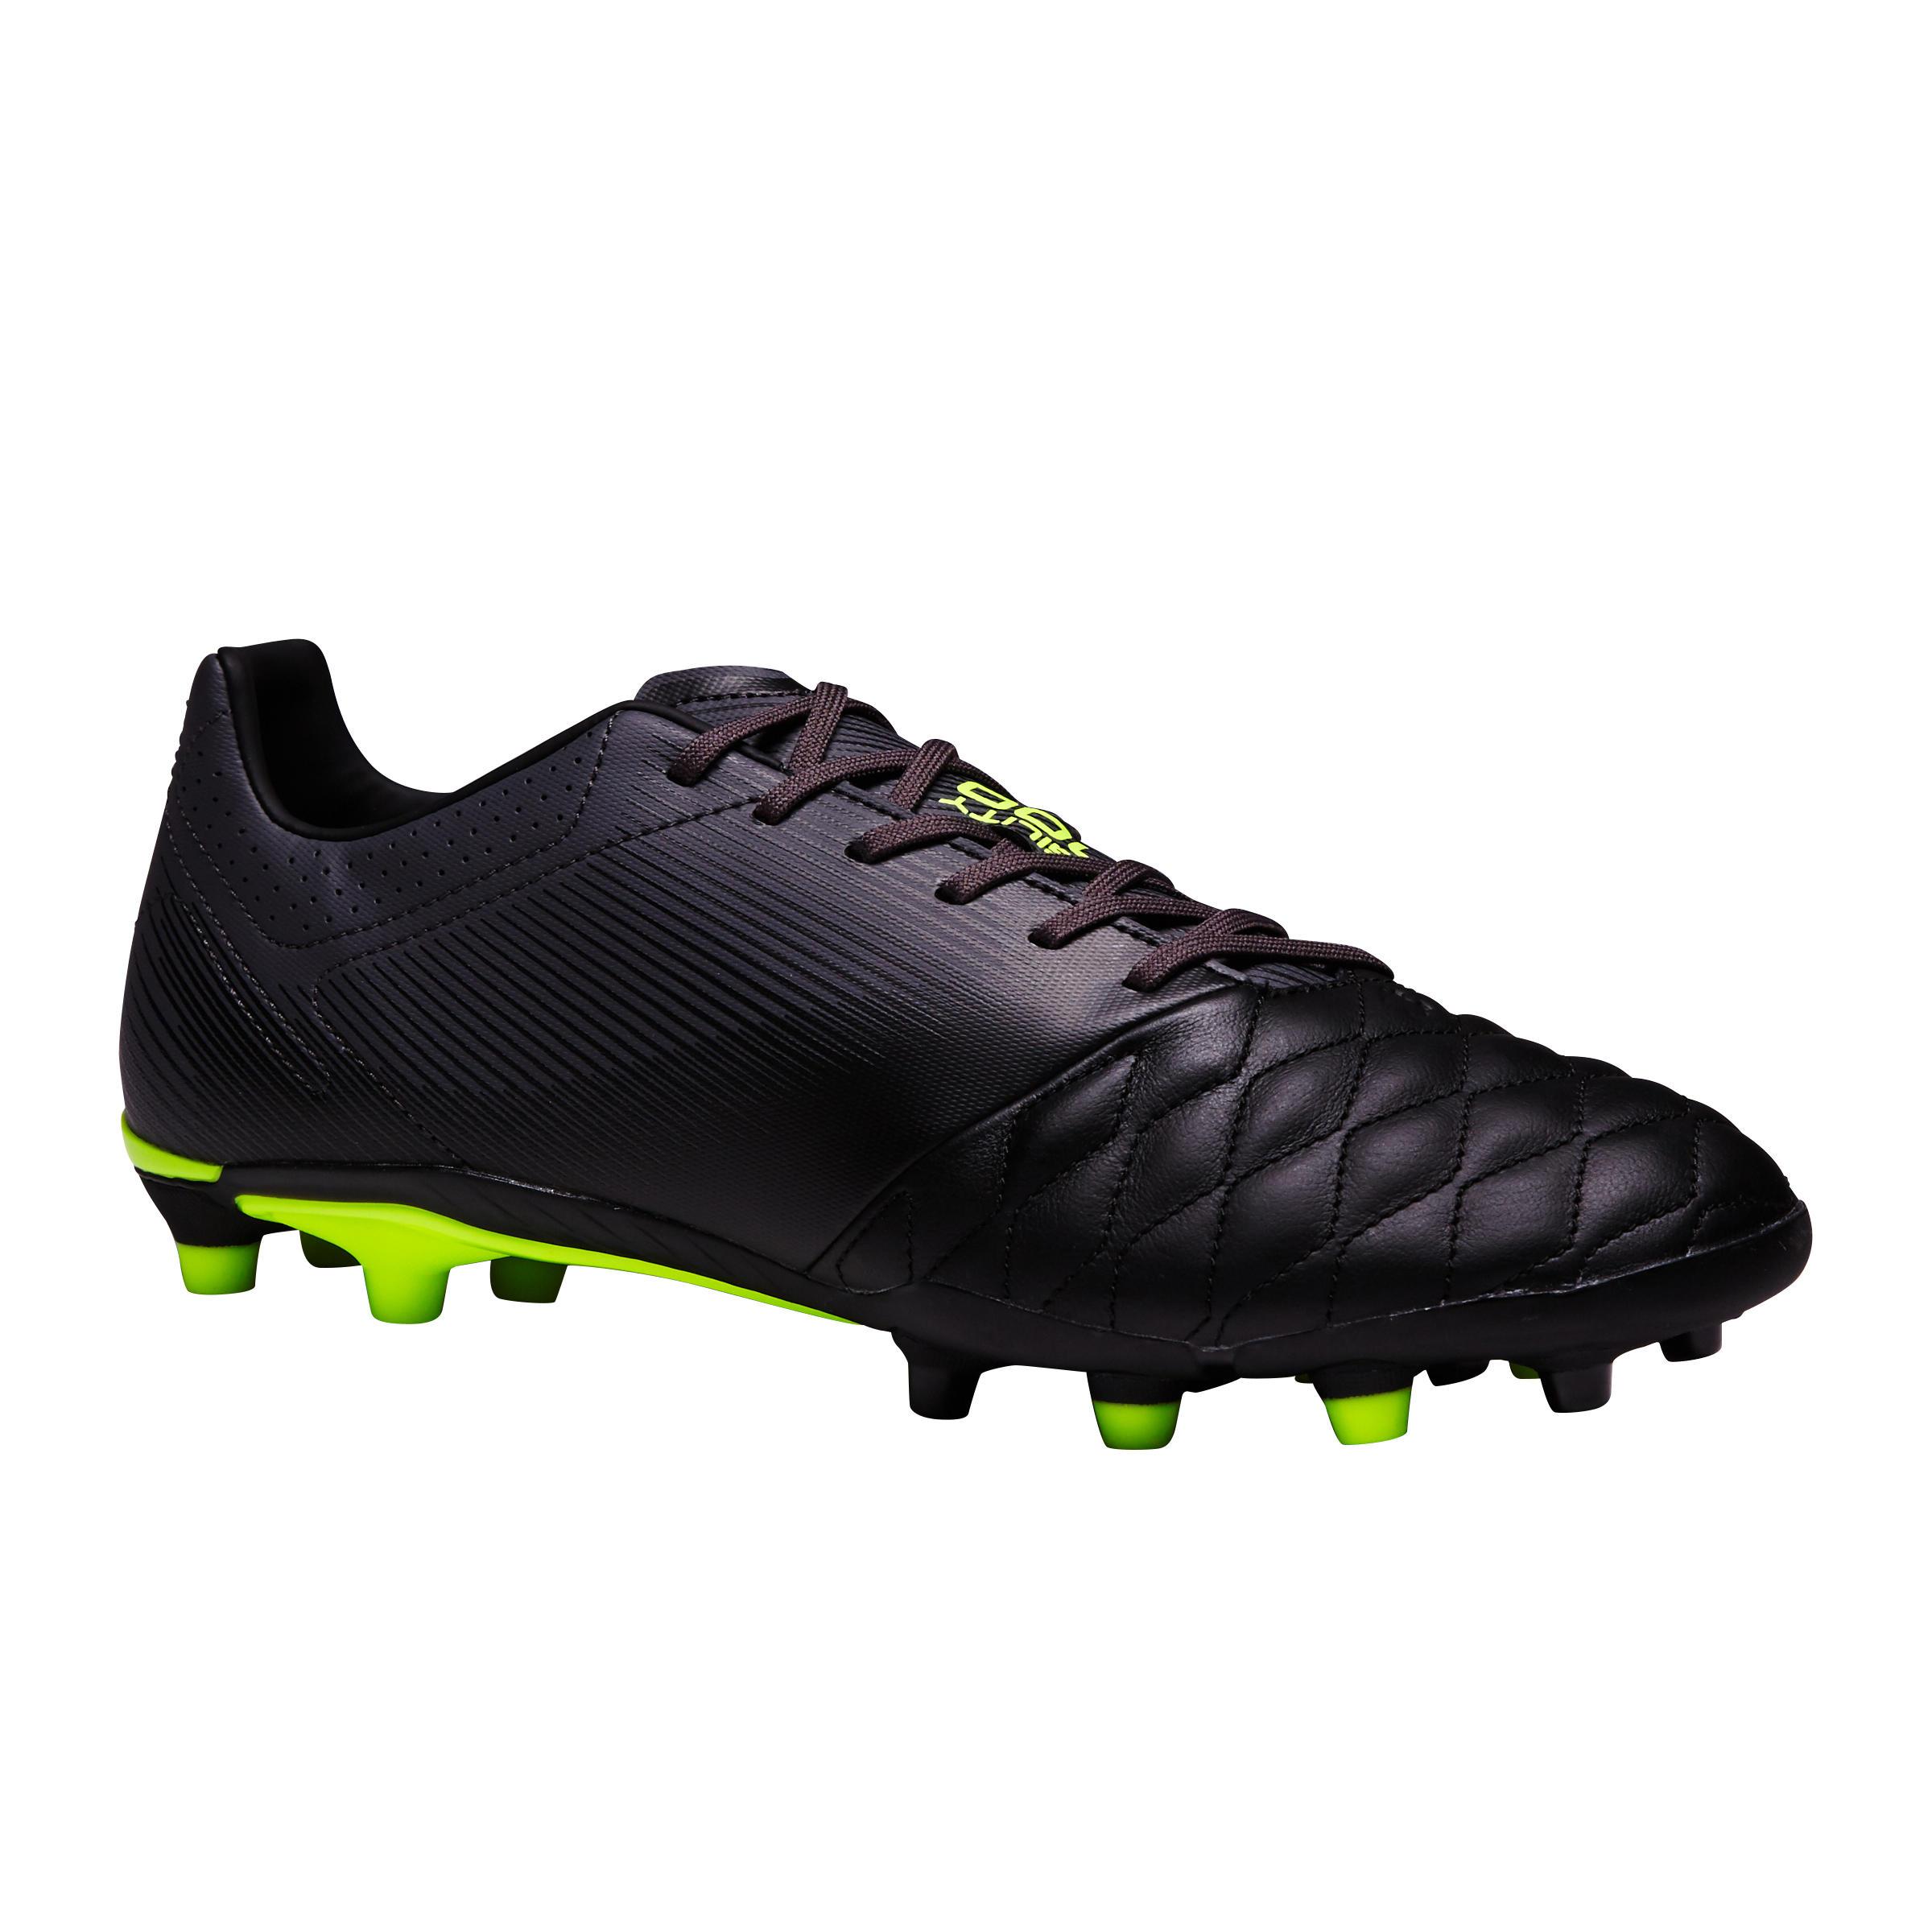 d5b271e1202 Comprar Botas de Fútbol Adultos online